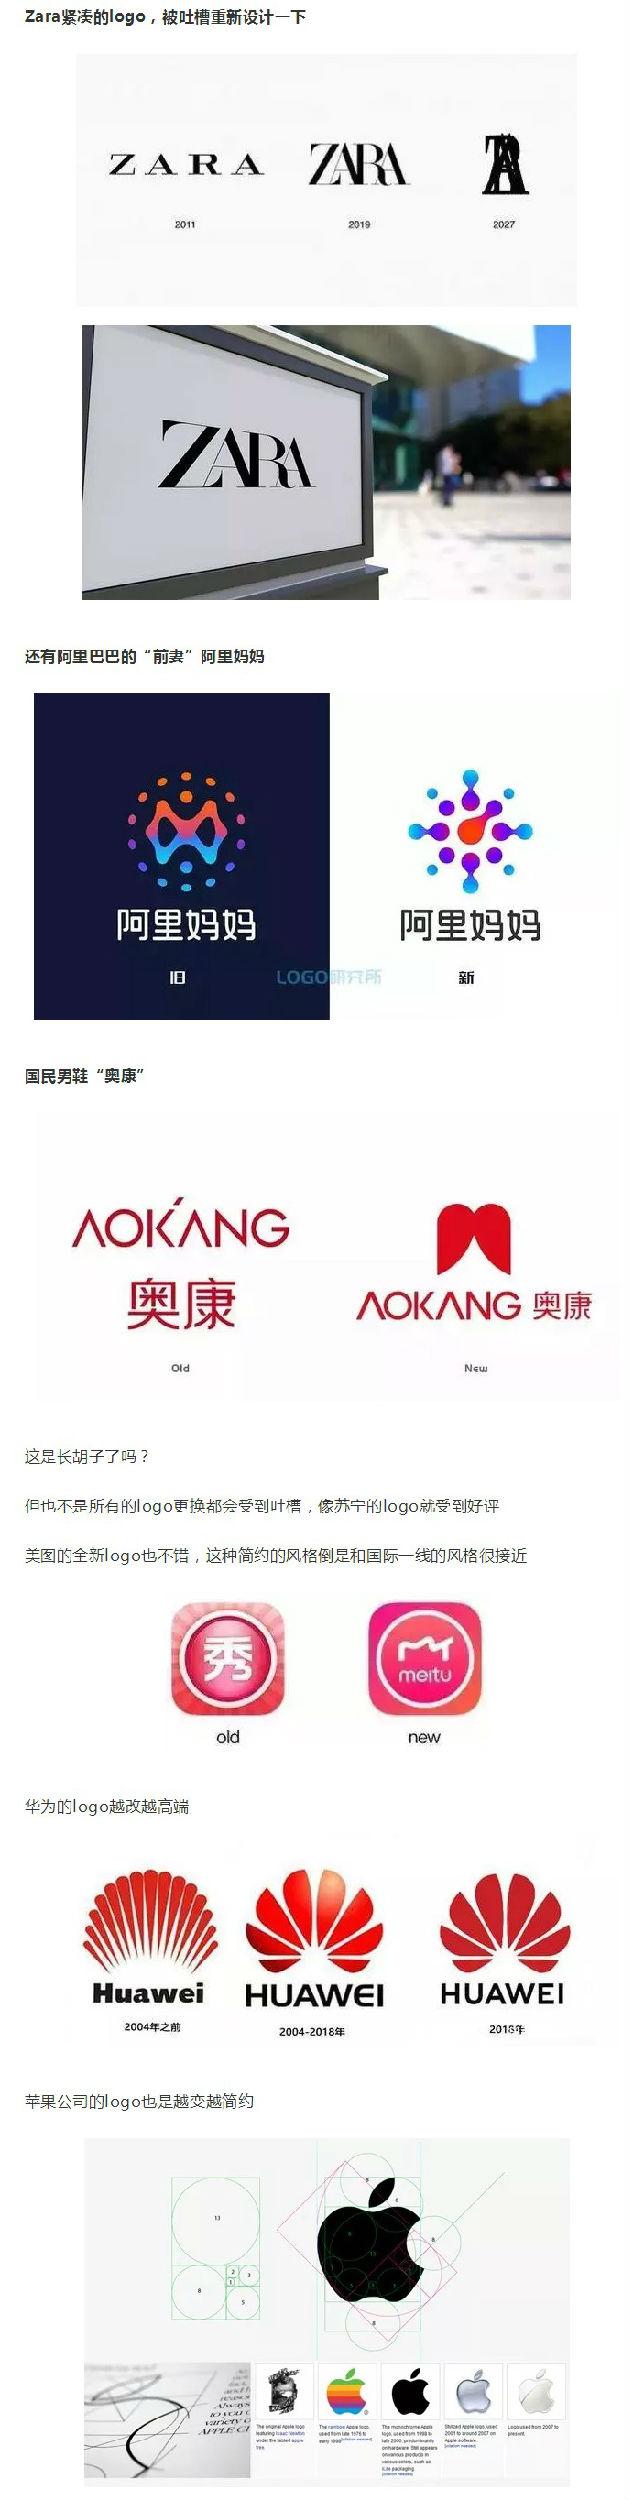 什么?这些大公司的logo越改越丑?